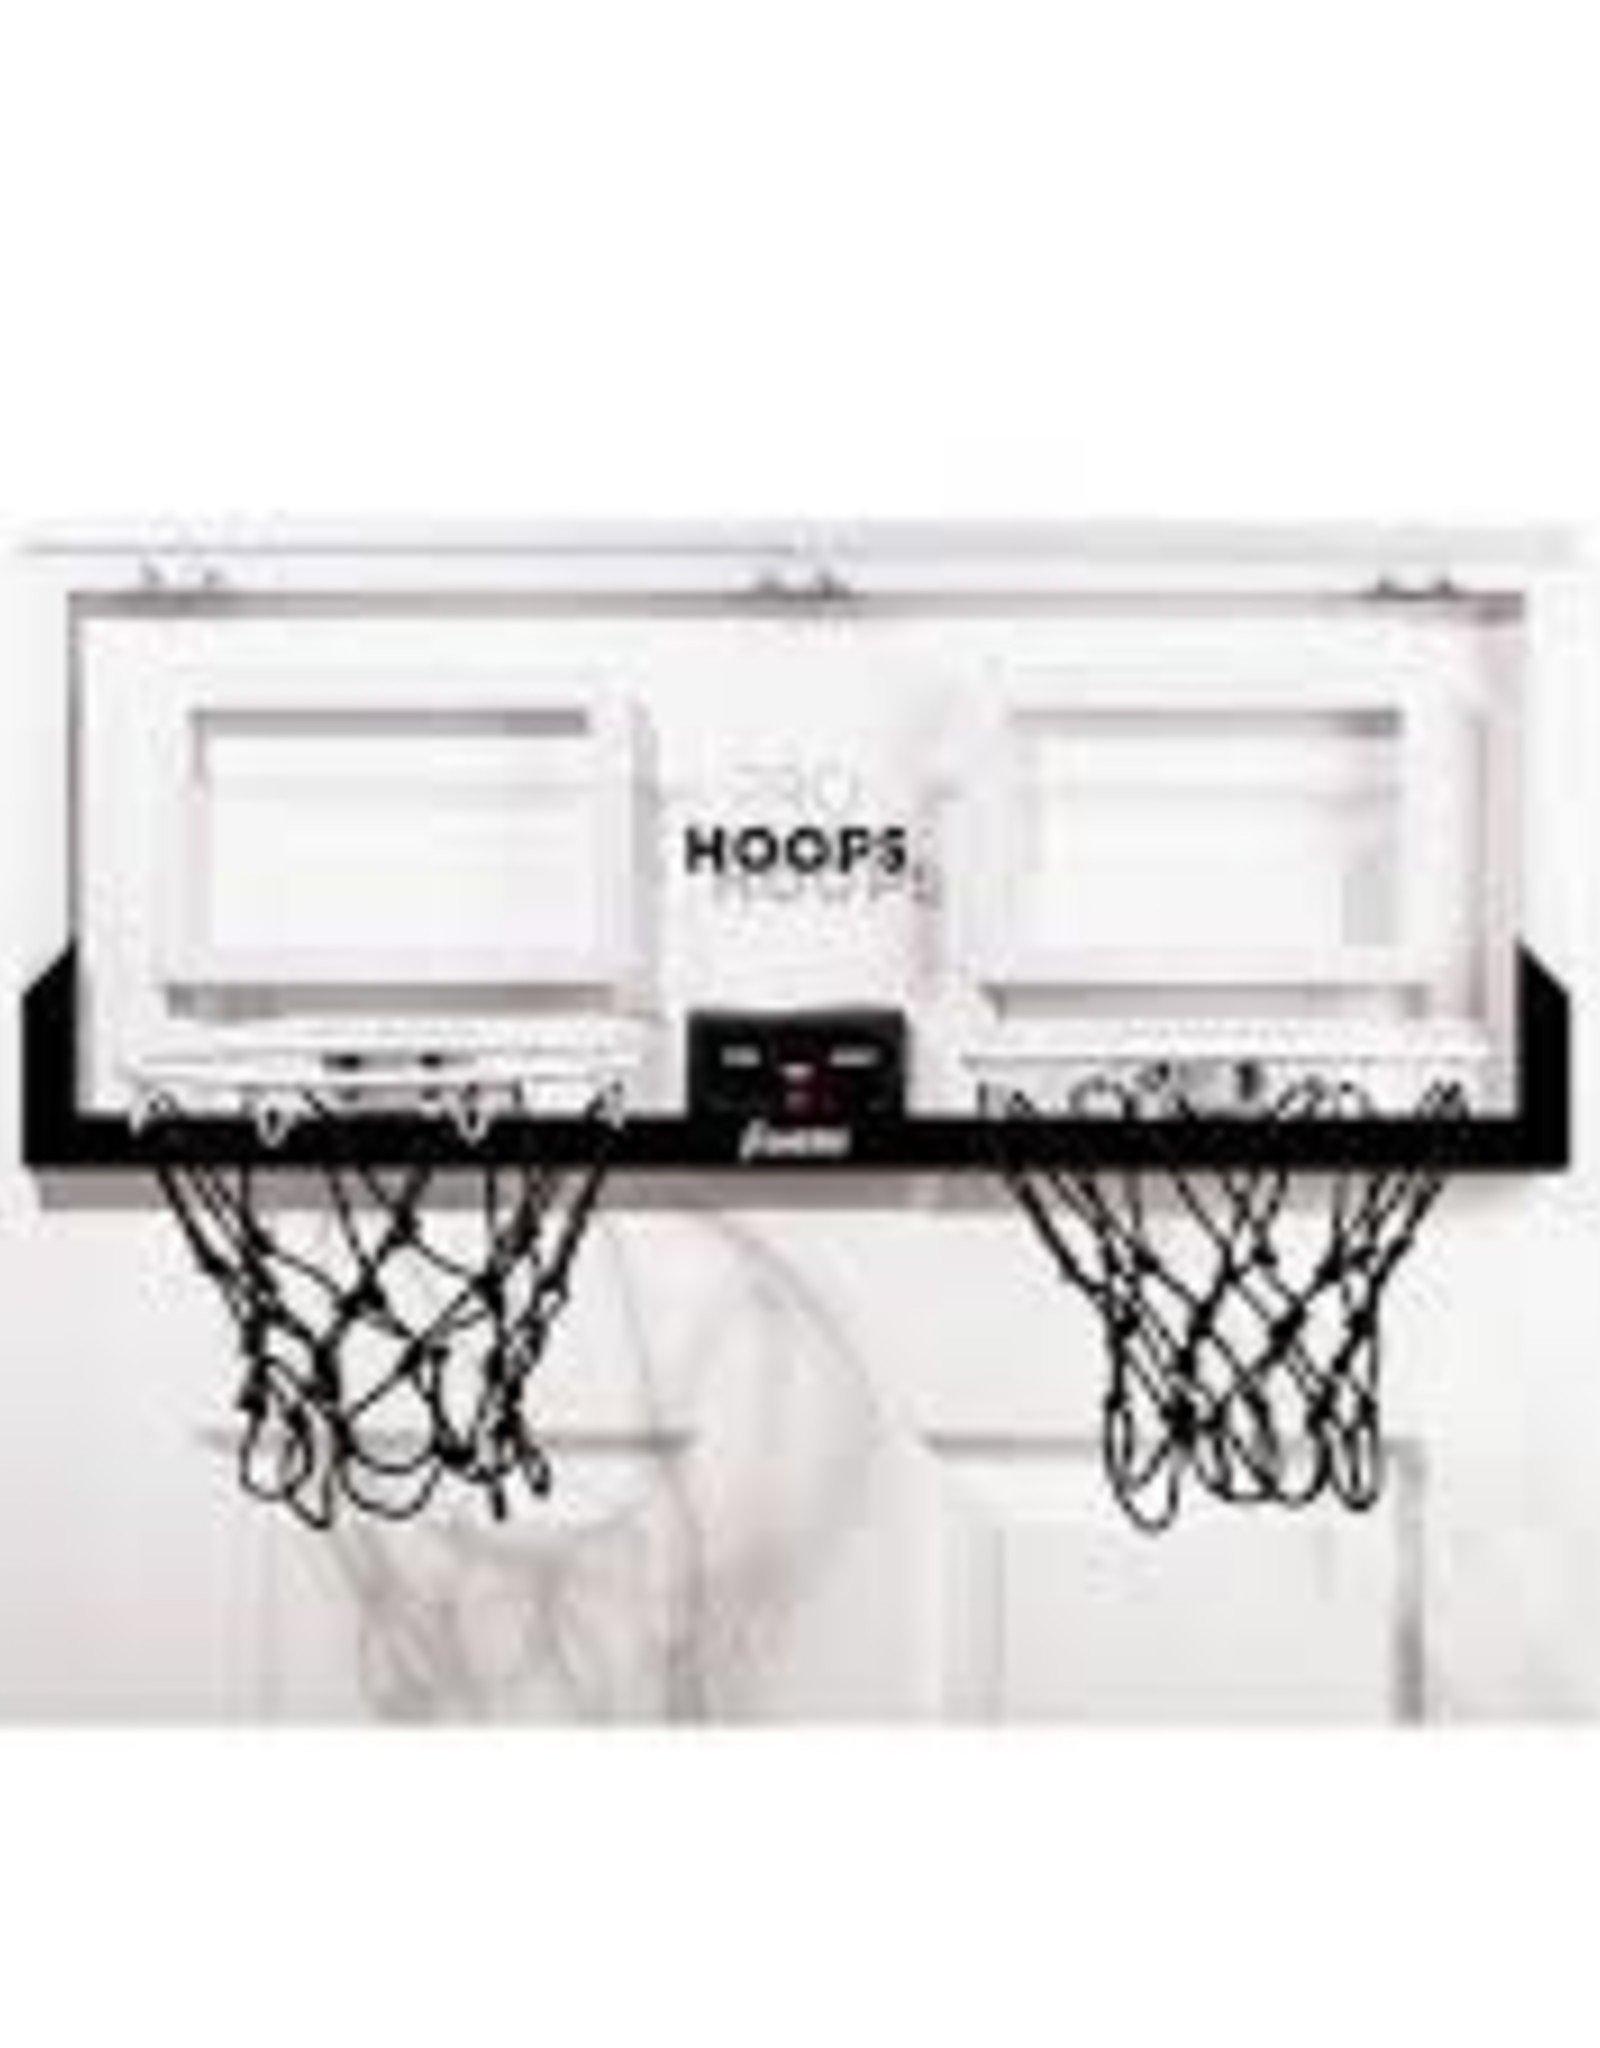 Pro Hoops Basketball LED